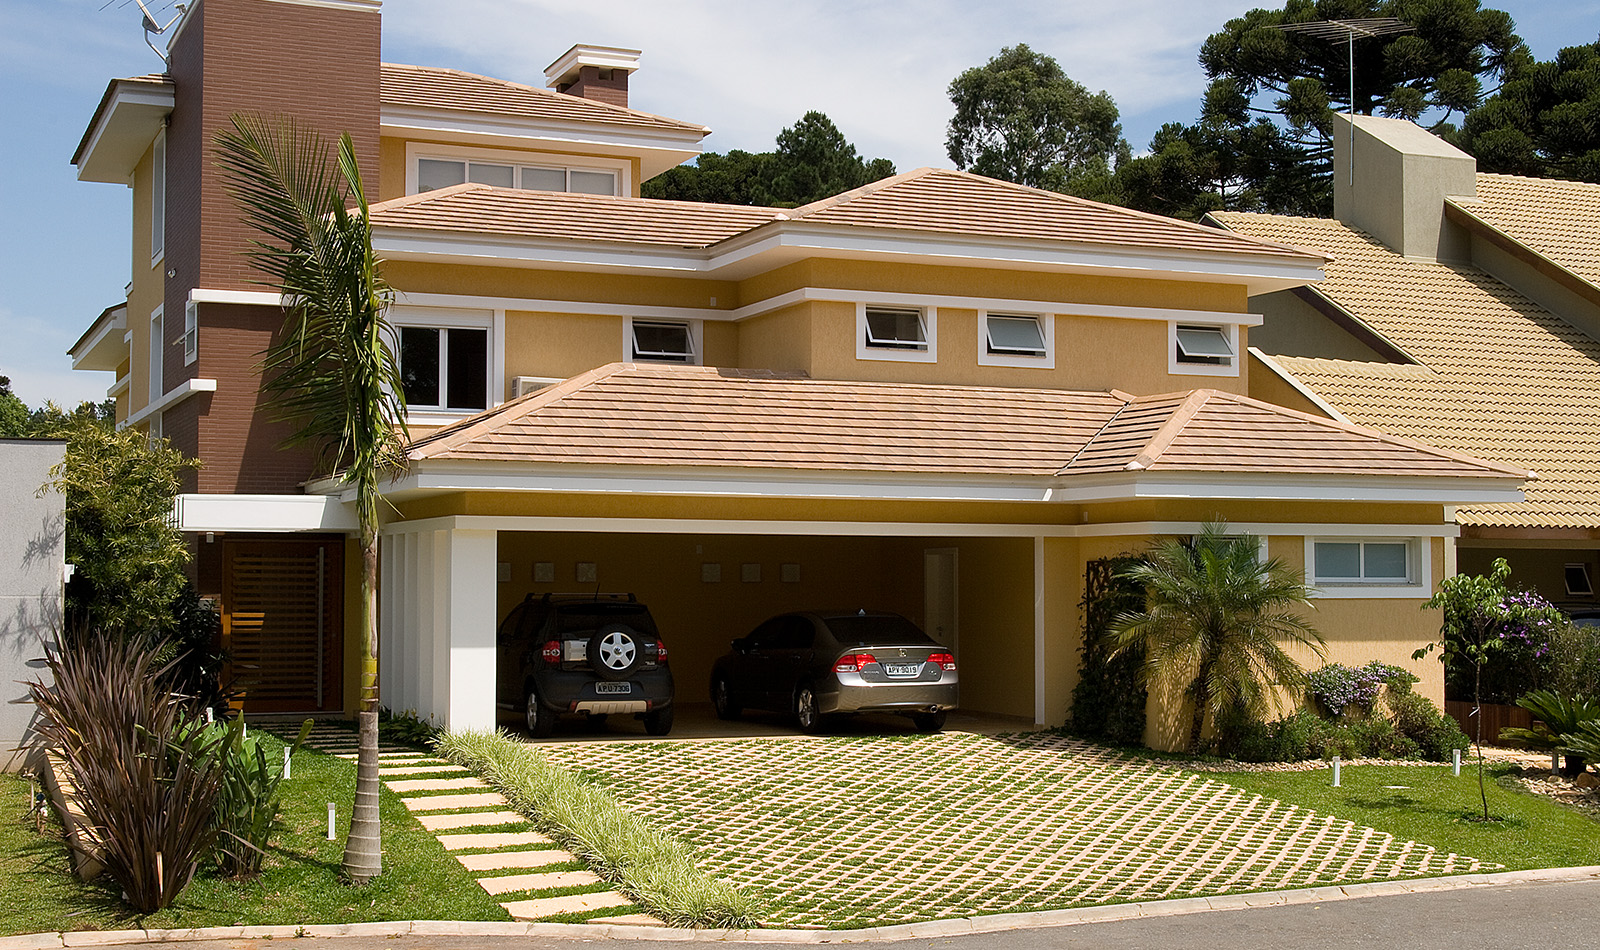 residencia-colina-sao-francisco-001